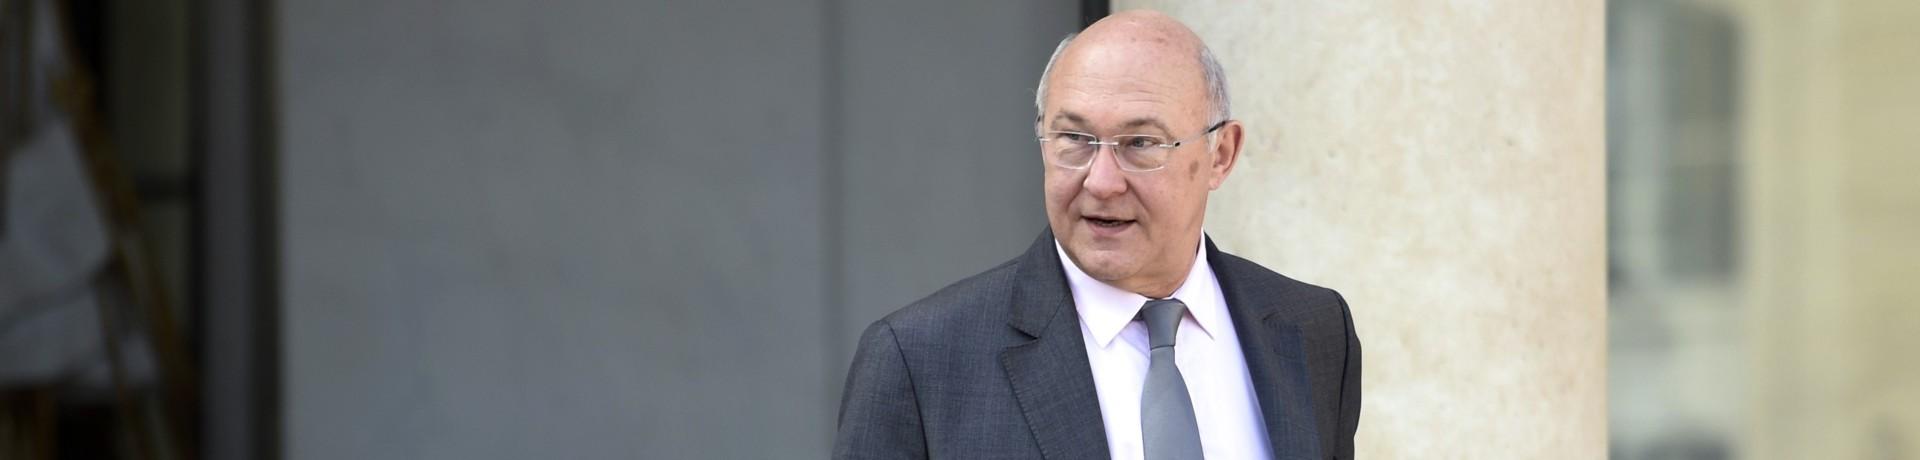 Le ministre des Finances Michel Sapin, ici à l'Elysée le 9 avril 2014, veut maintenir l'objectif du déficit à 3% (Archives)